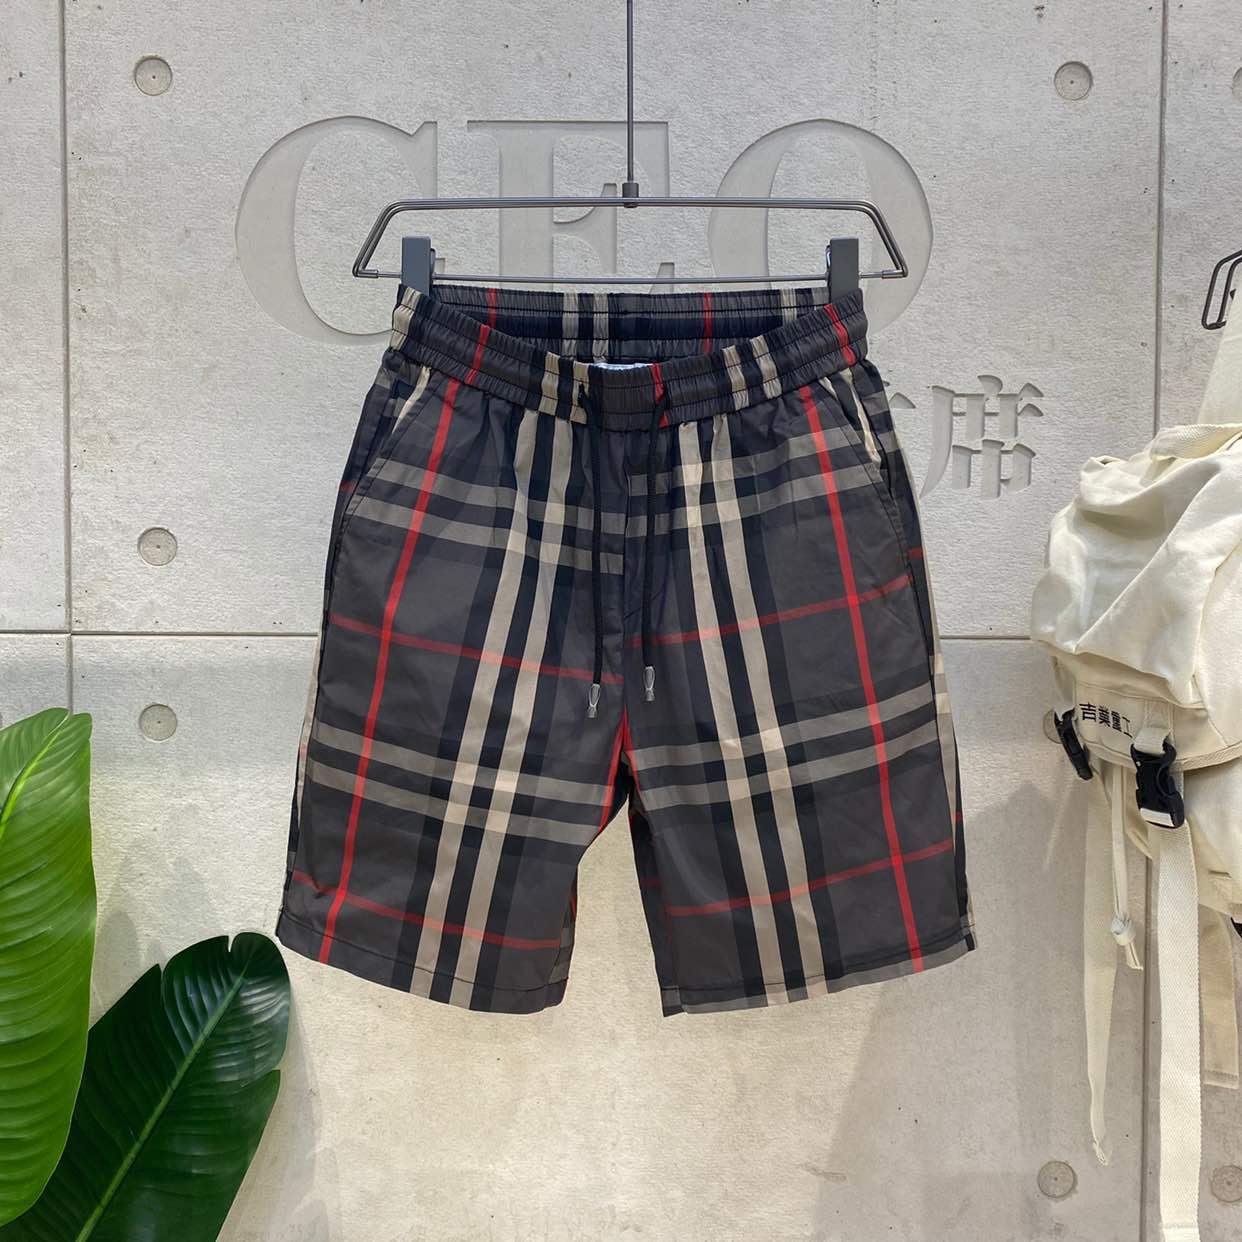 短裤男夏季 年新款速干韩版潮流沙滩裤修身休闲中裤工装格子裤  2020